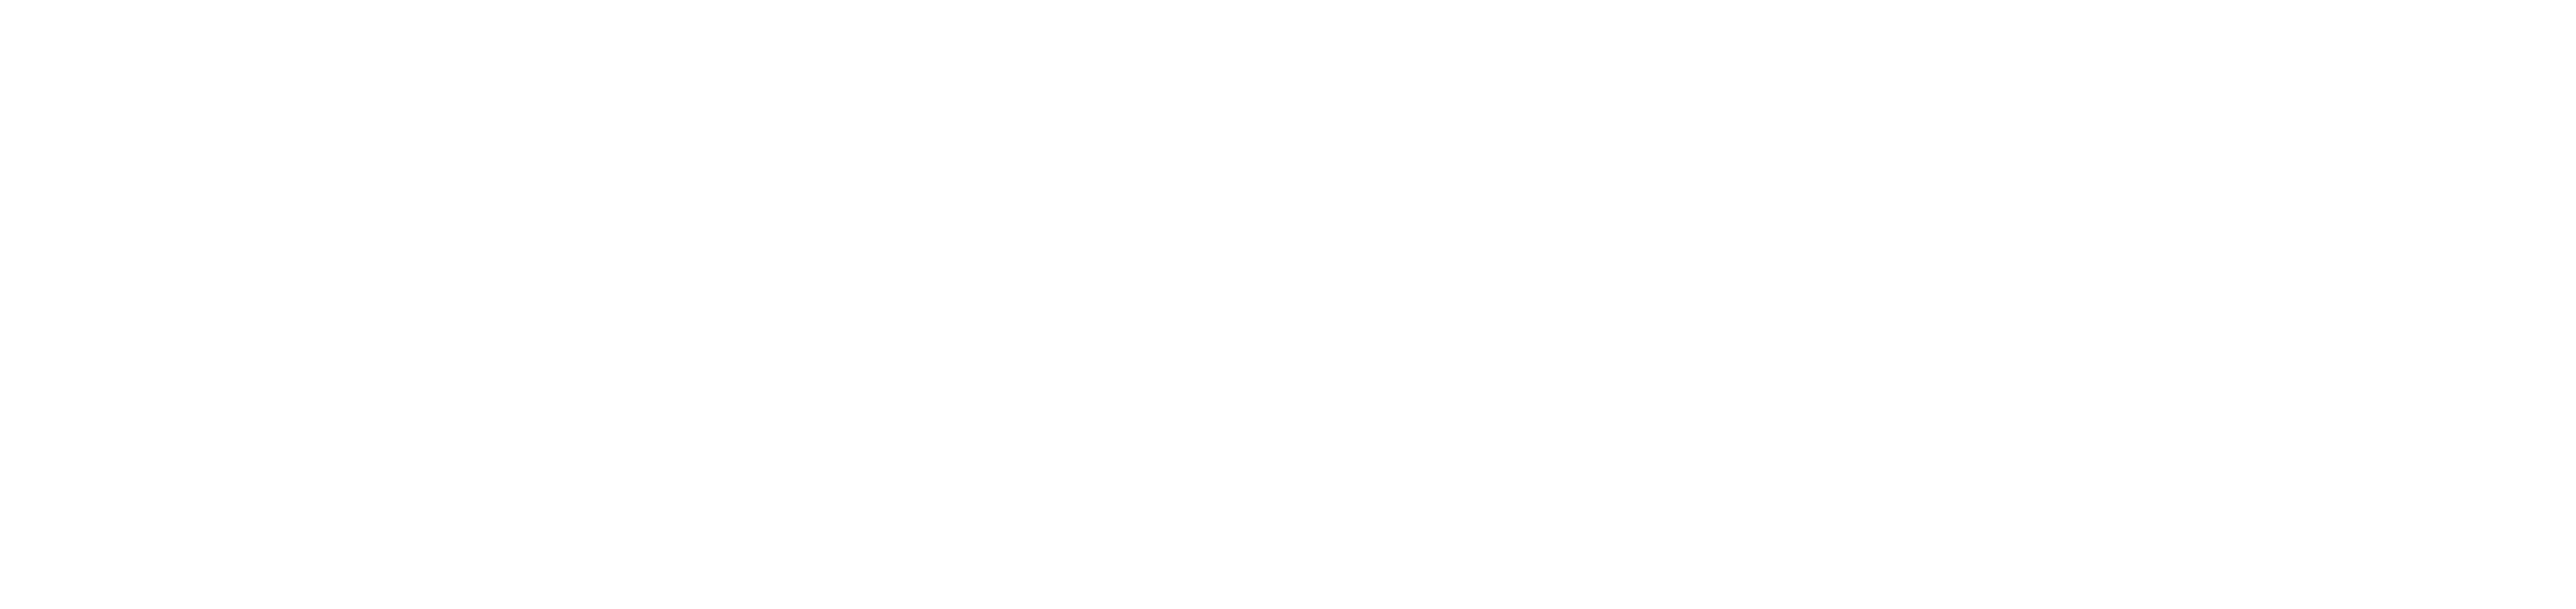 Yoobic-logo-full-white.png